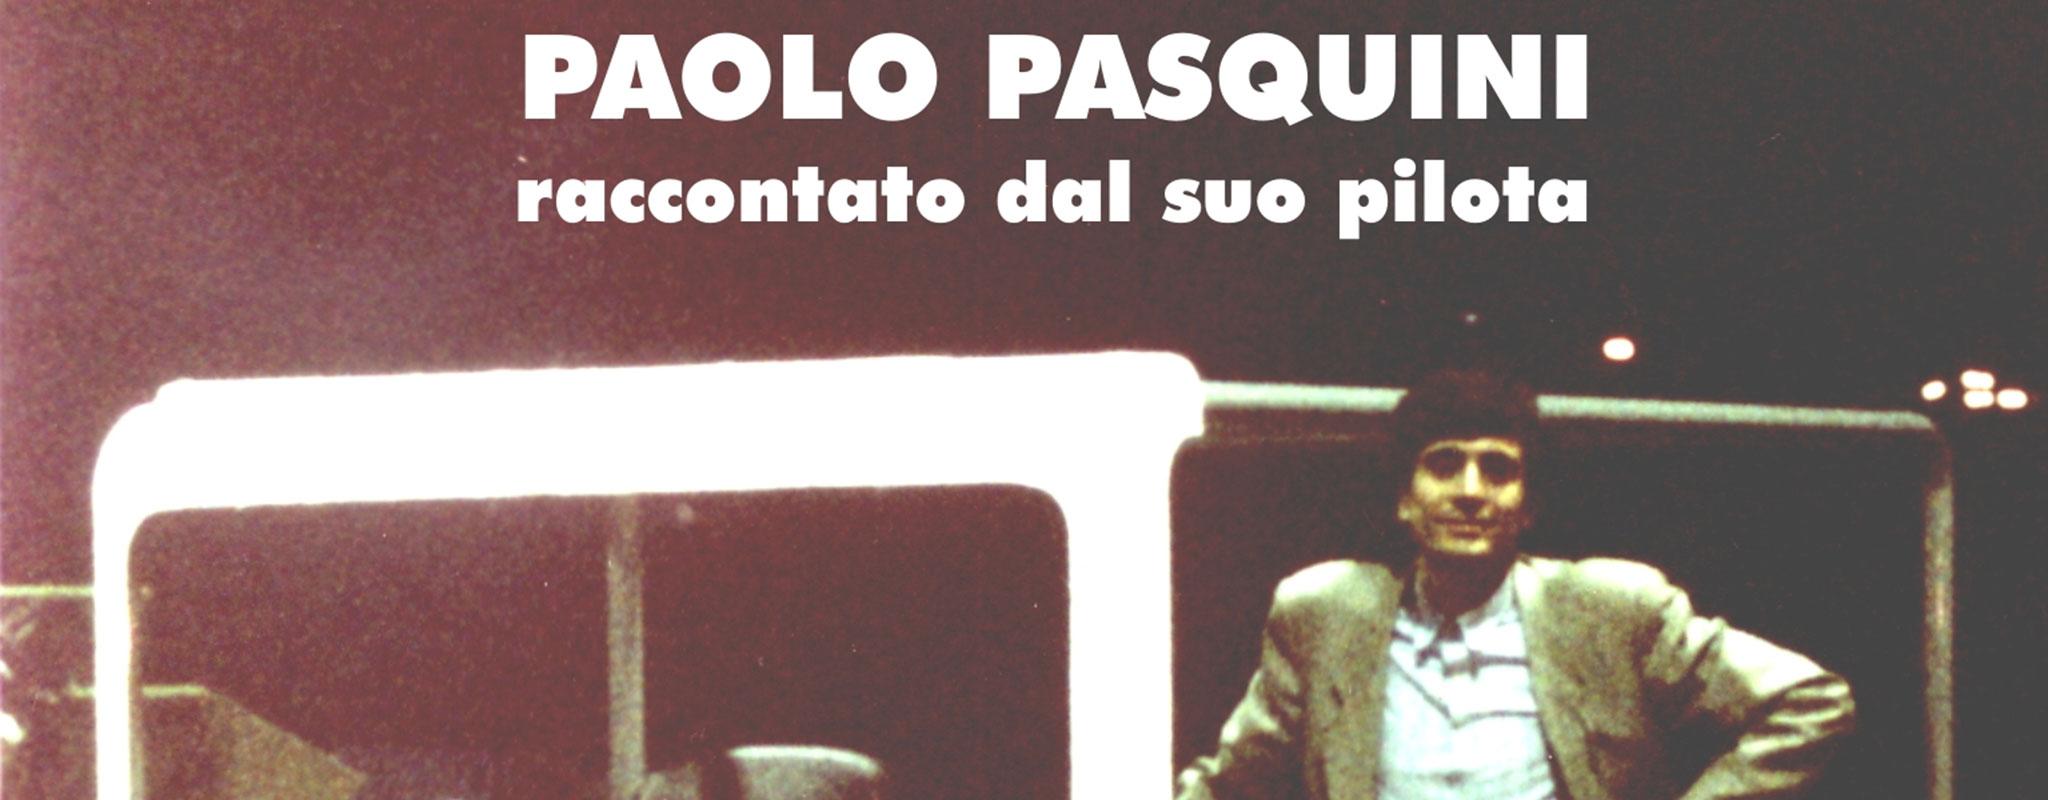 Paolo Pasquini - The courage of Boxel - Studio Pasquini Design